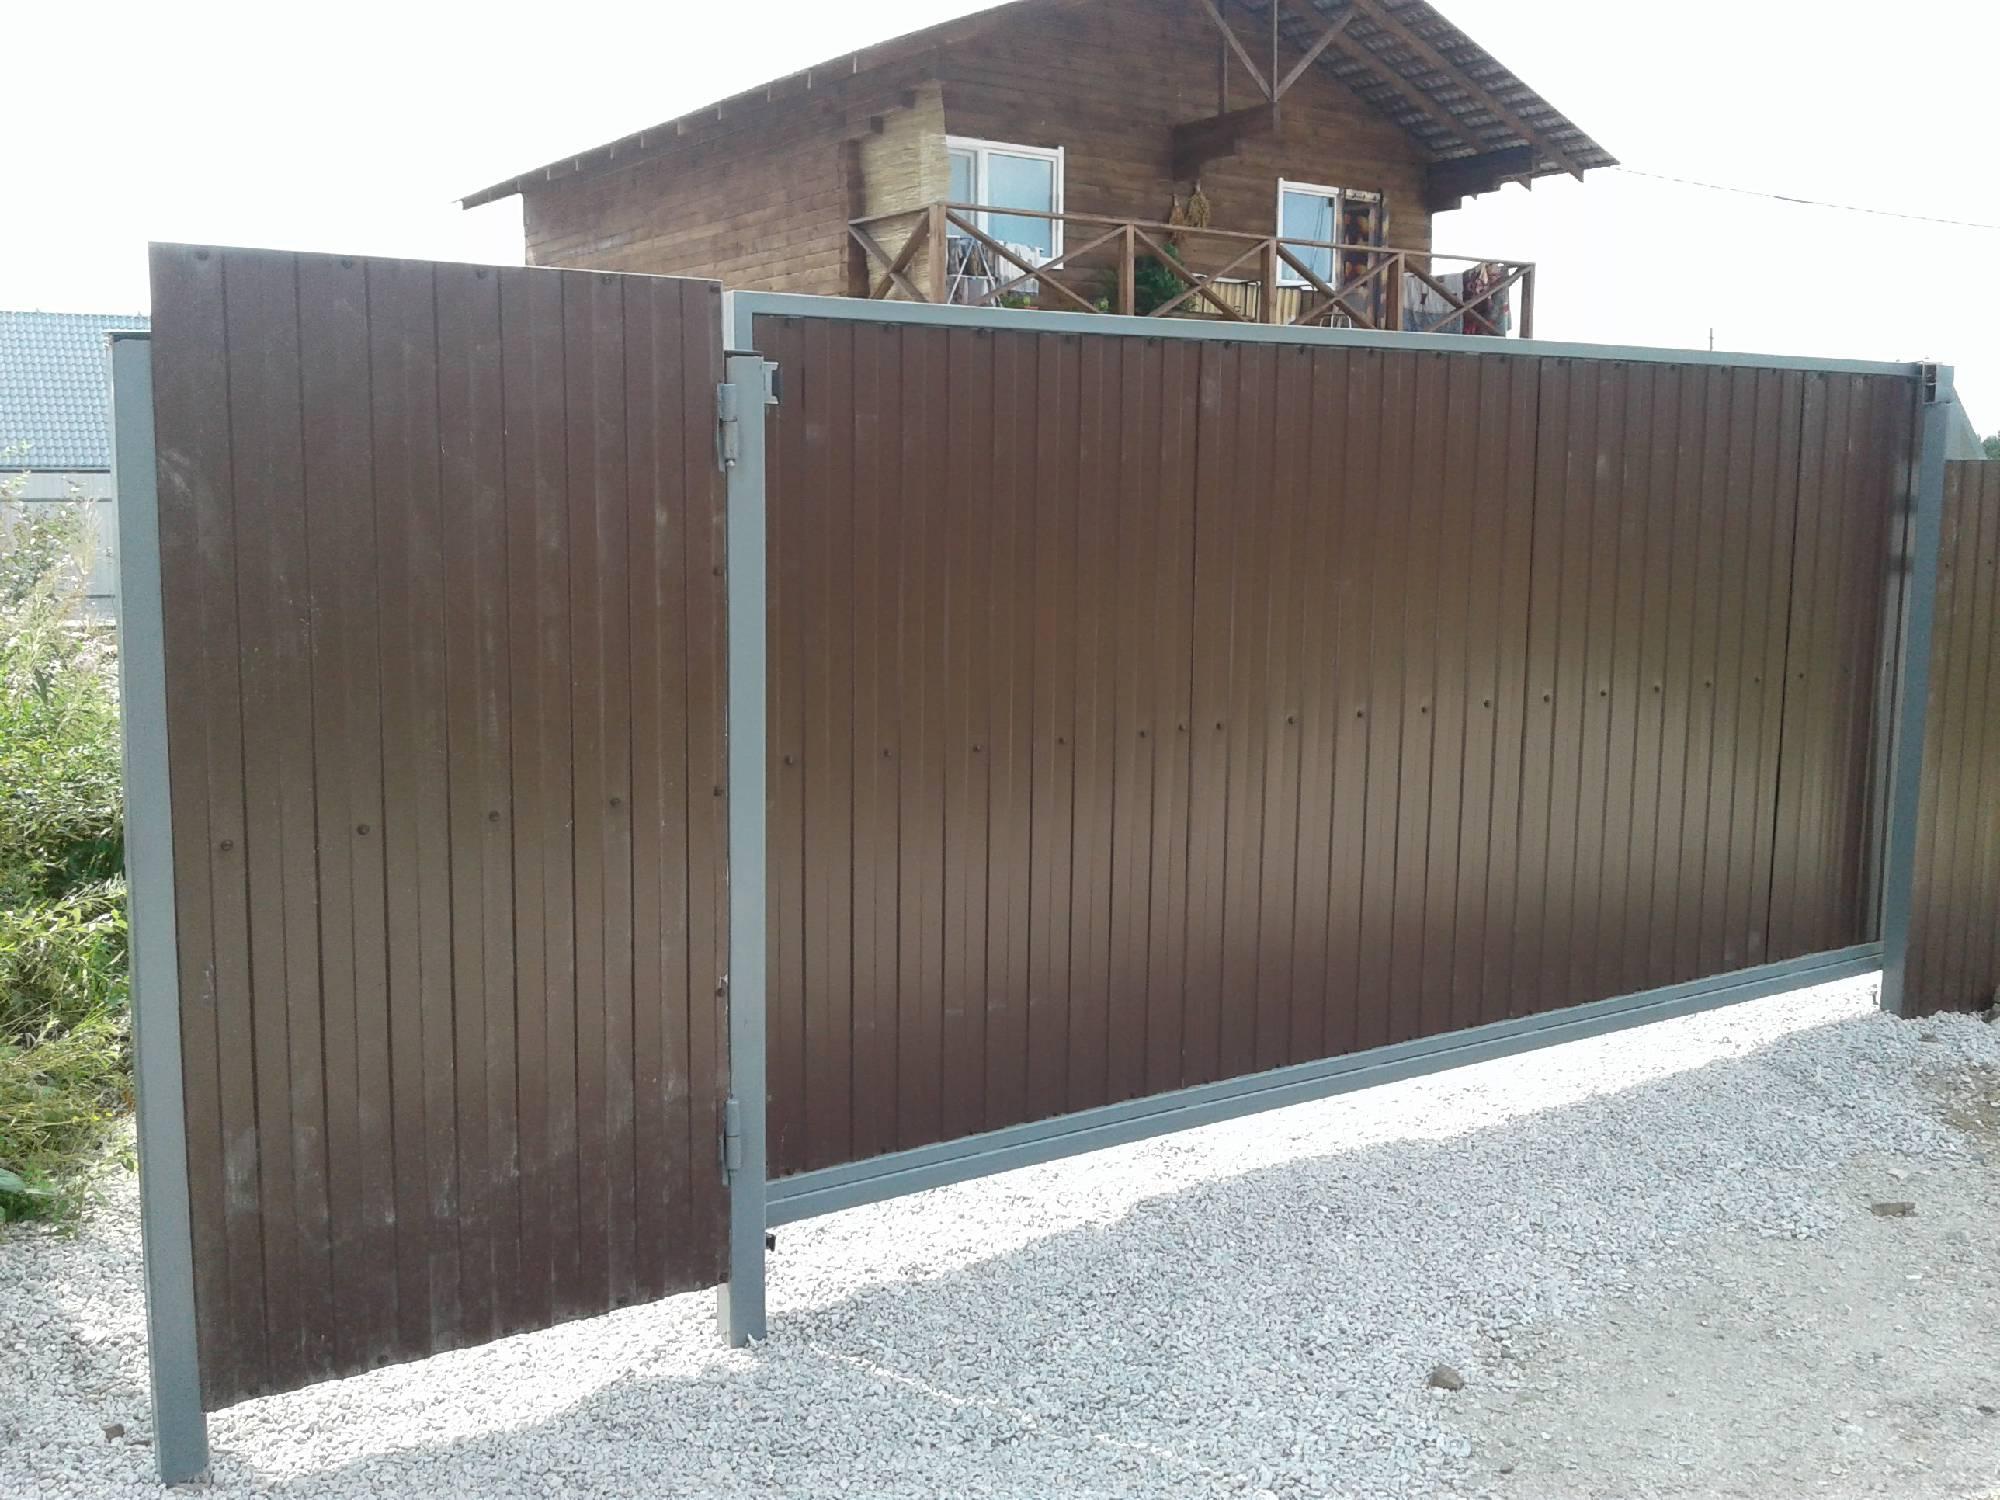 Ворота с калиткой для дачи, какой допустимый вариант предпочтительнее.